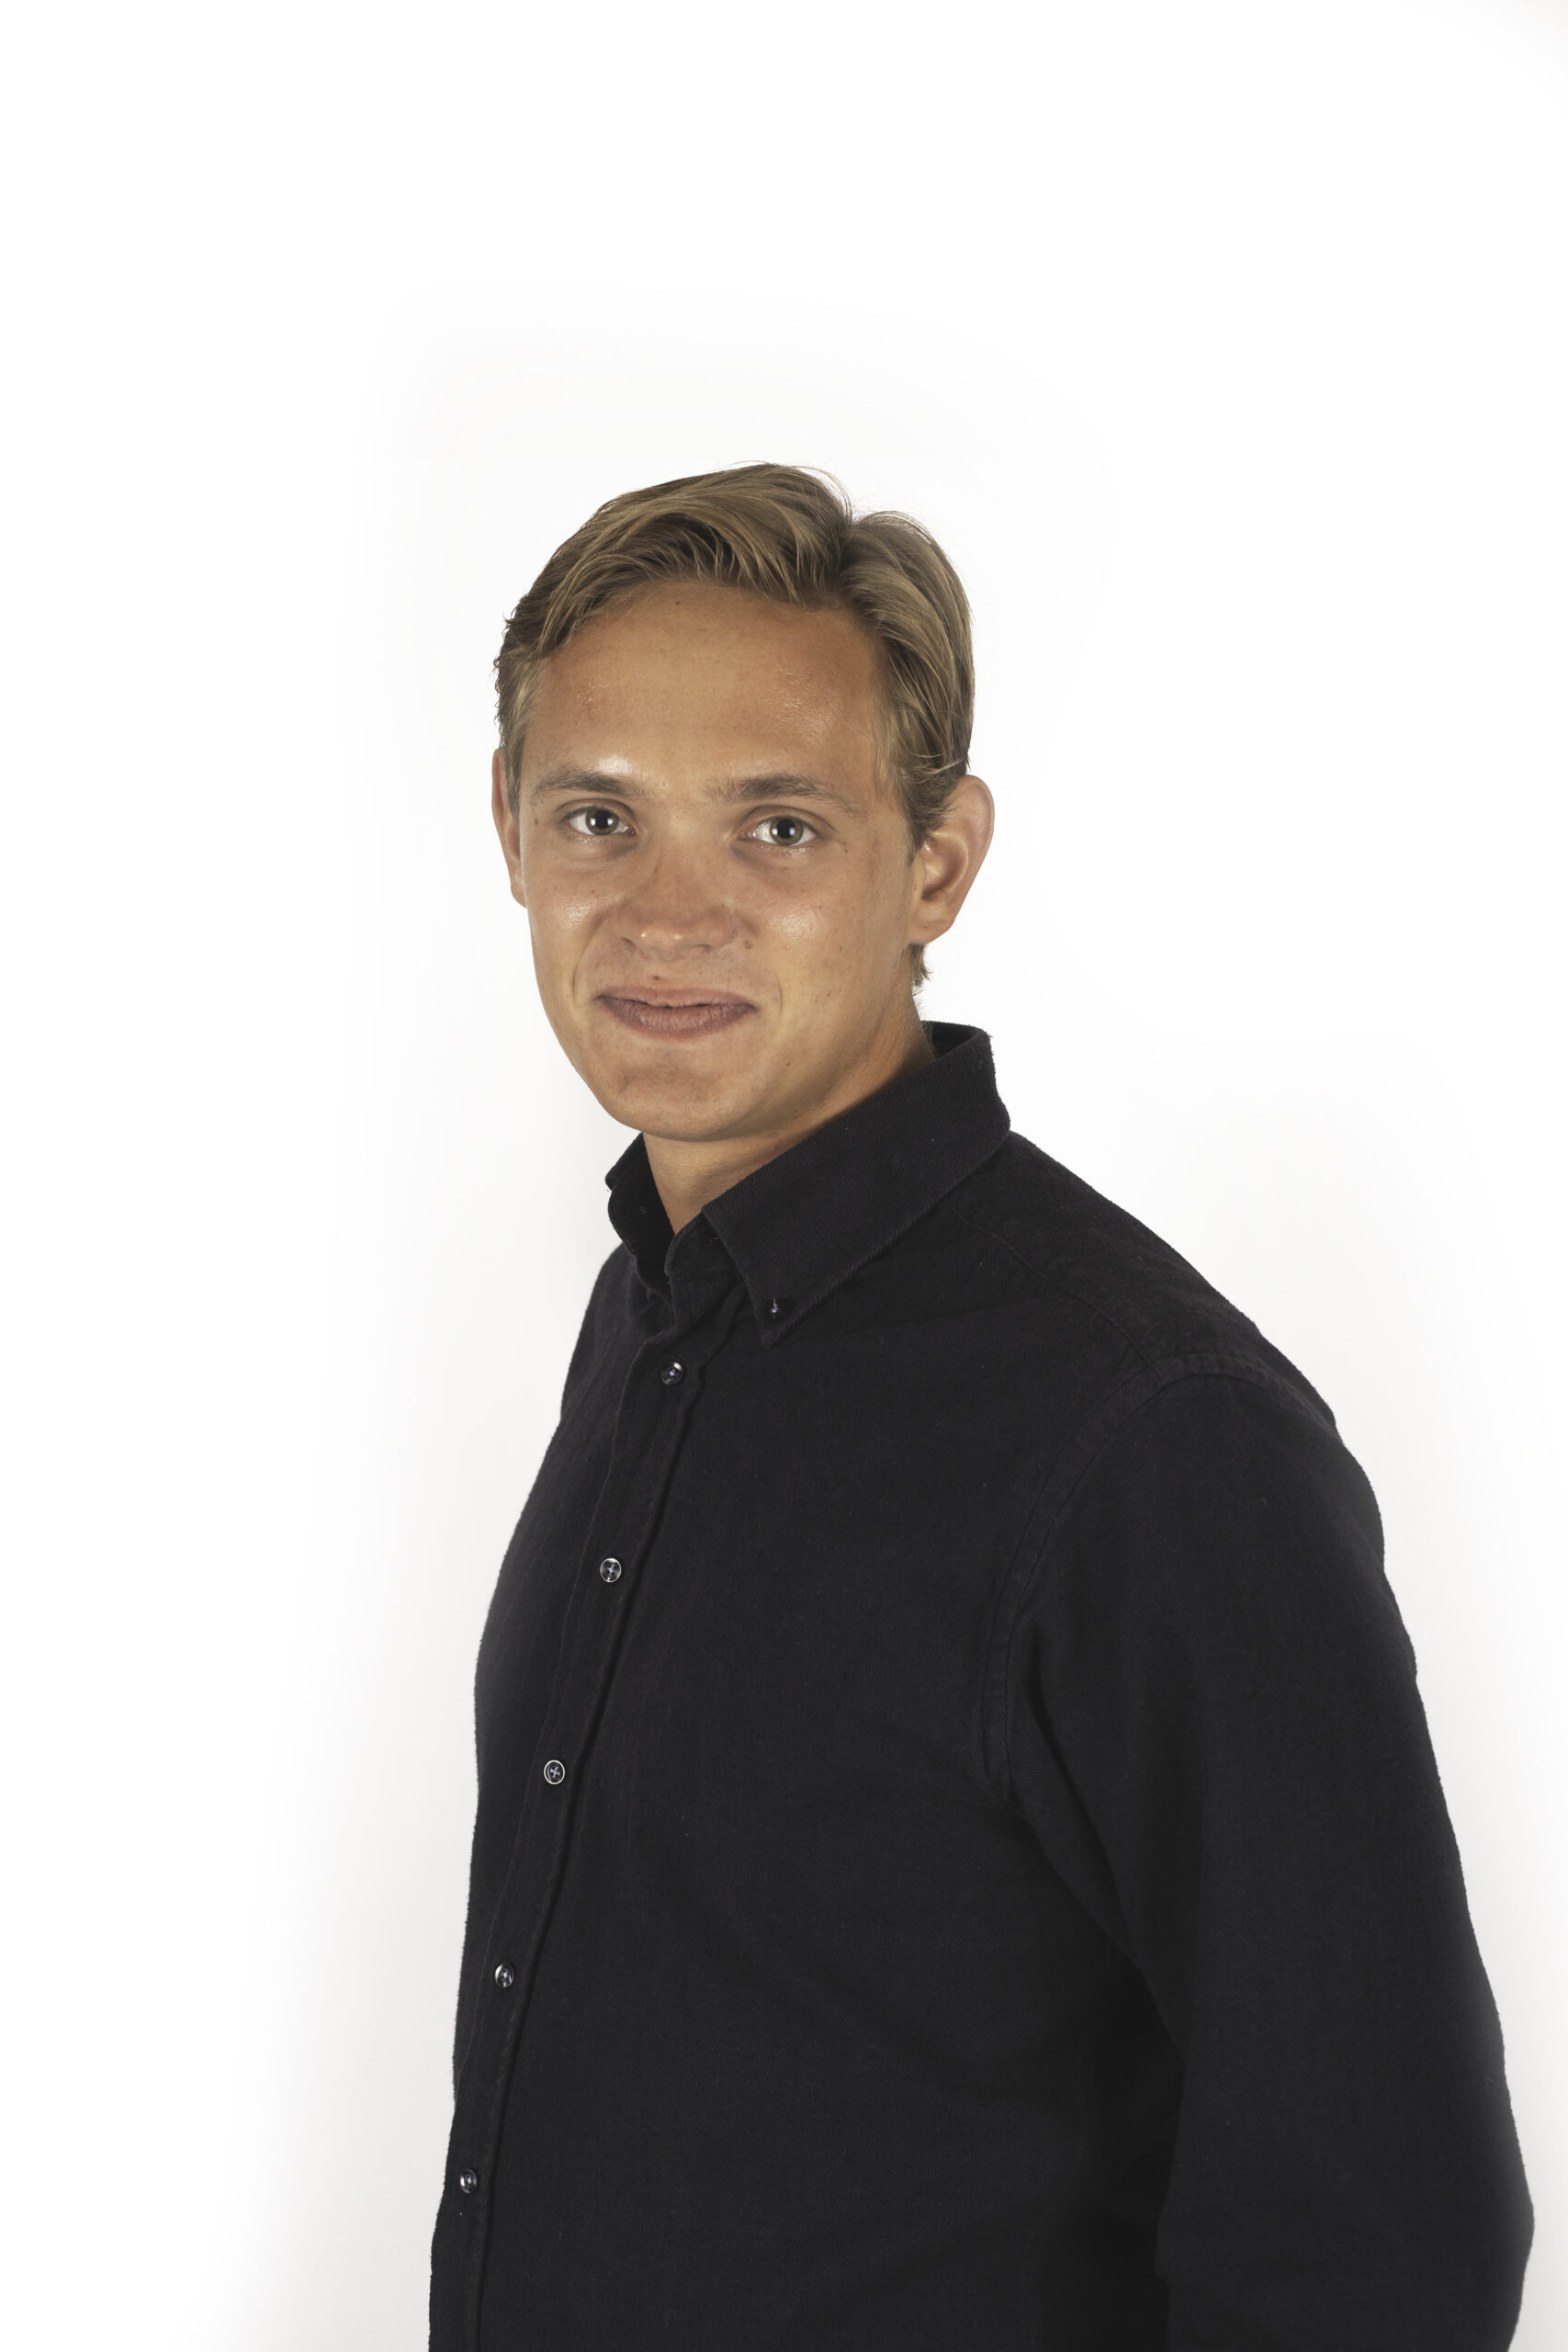 Simon Pagh